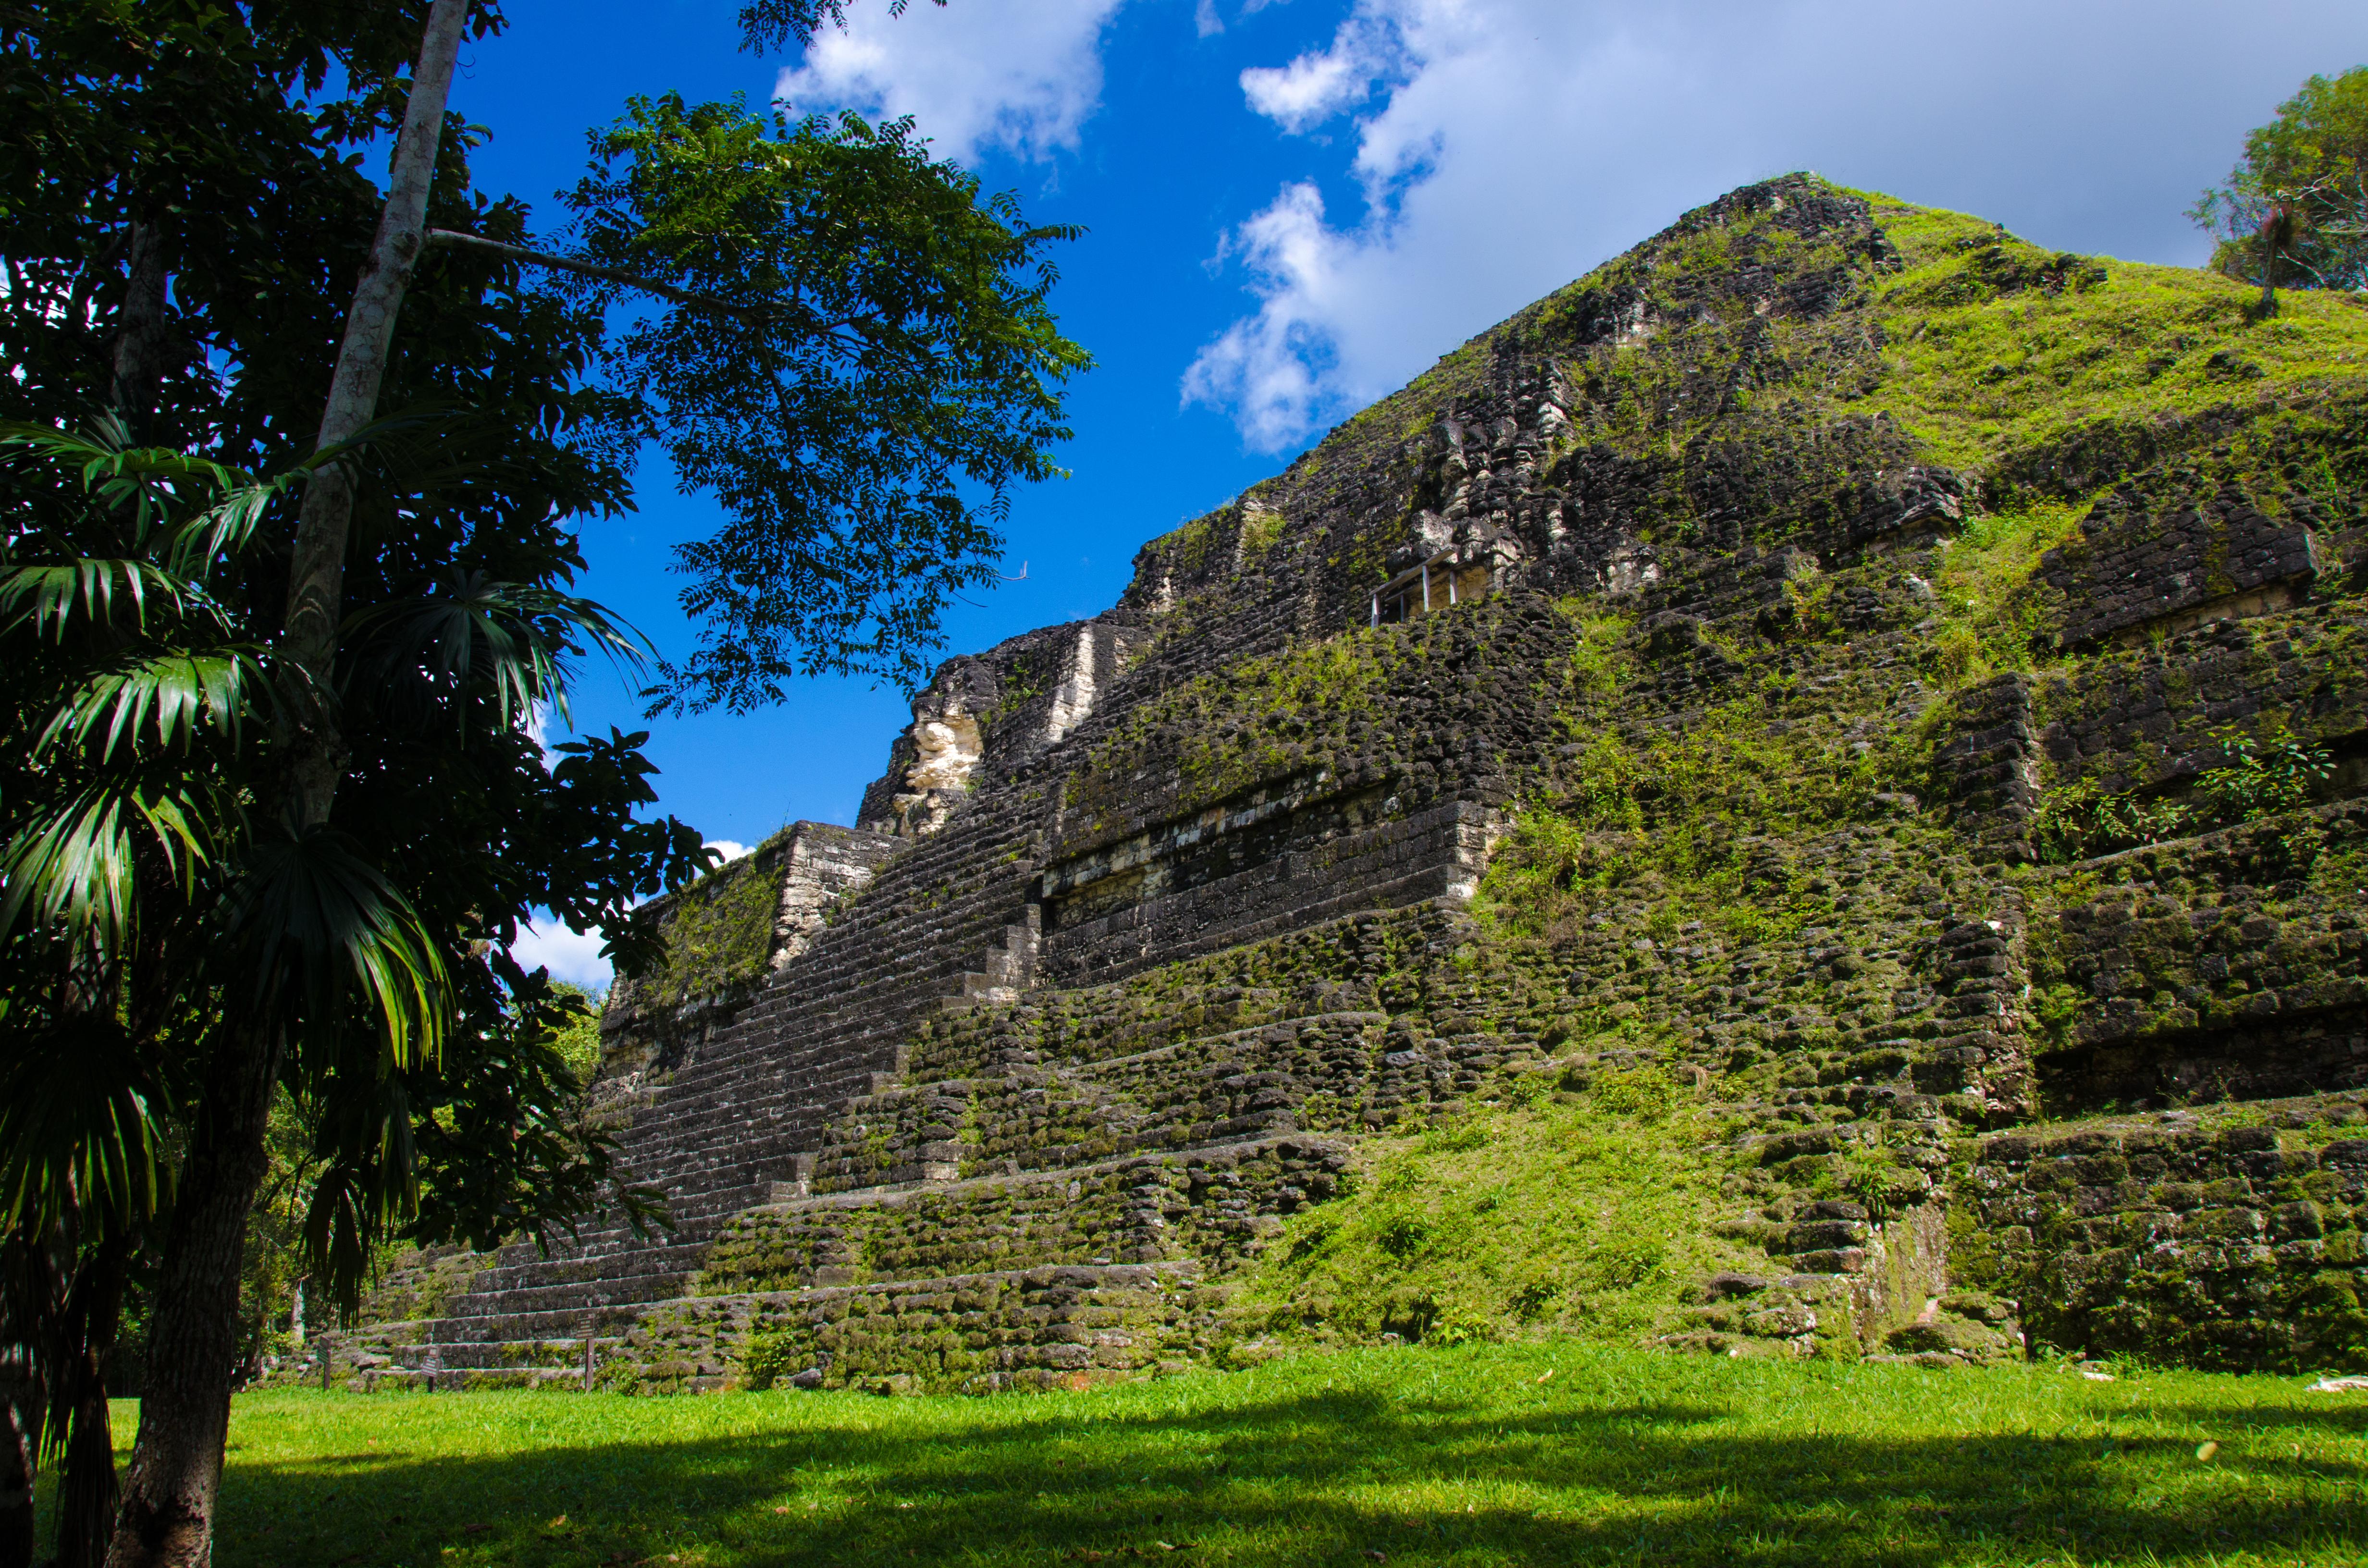 guatemala-wifi-mifi-internet-hotspots